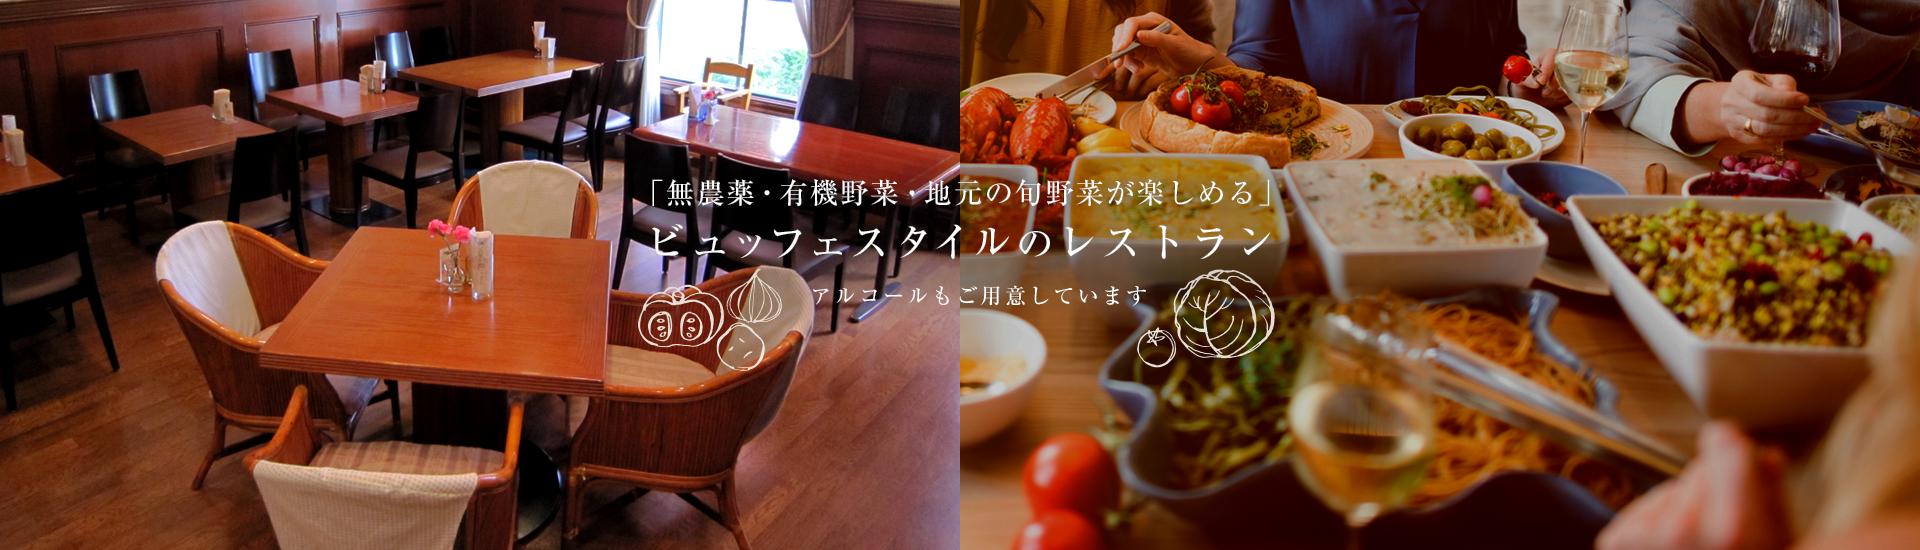 店内と料理